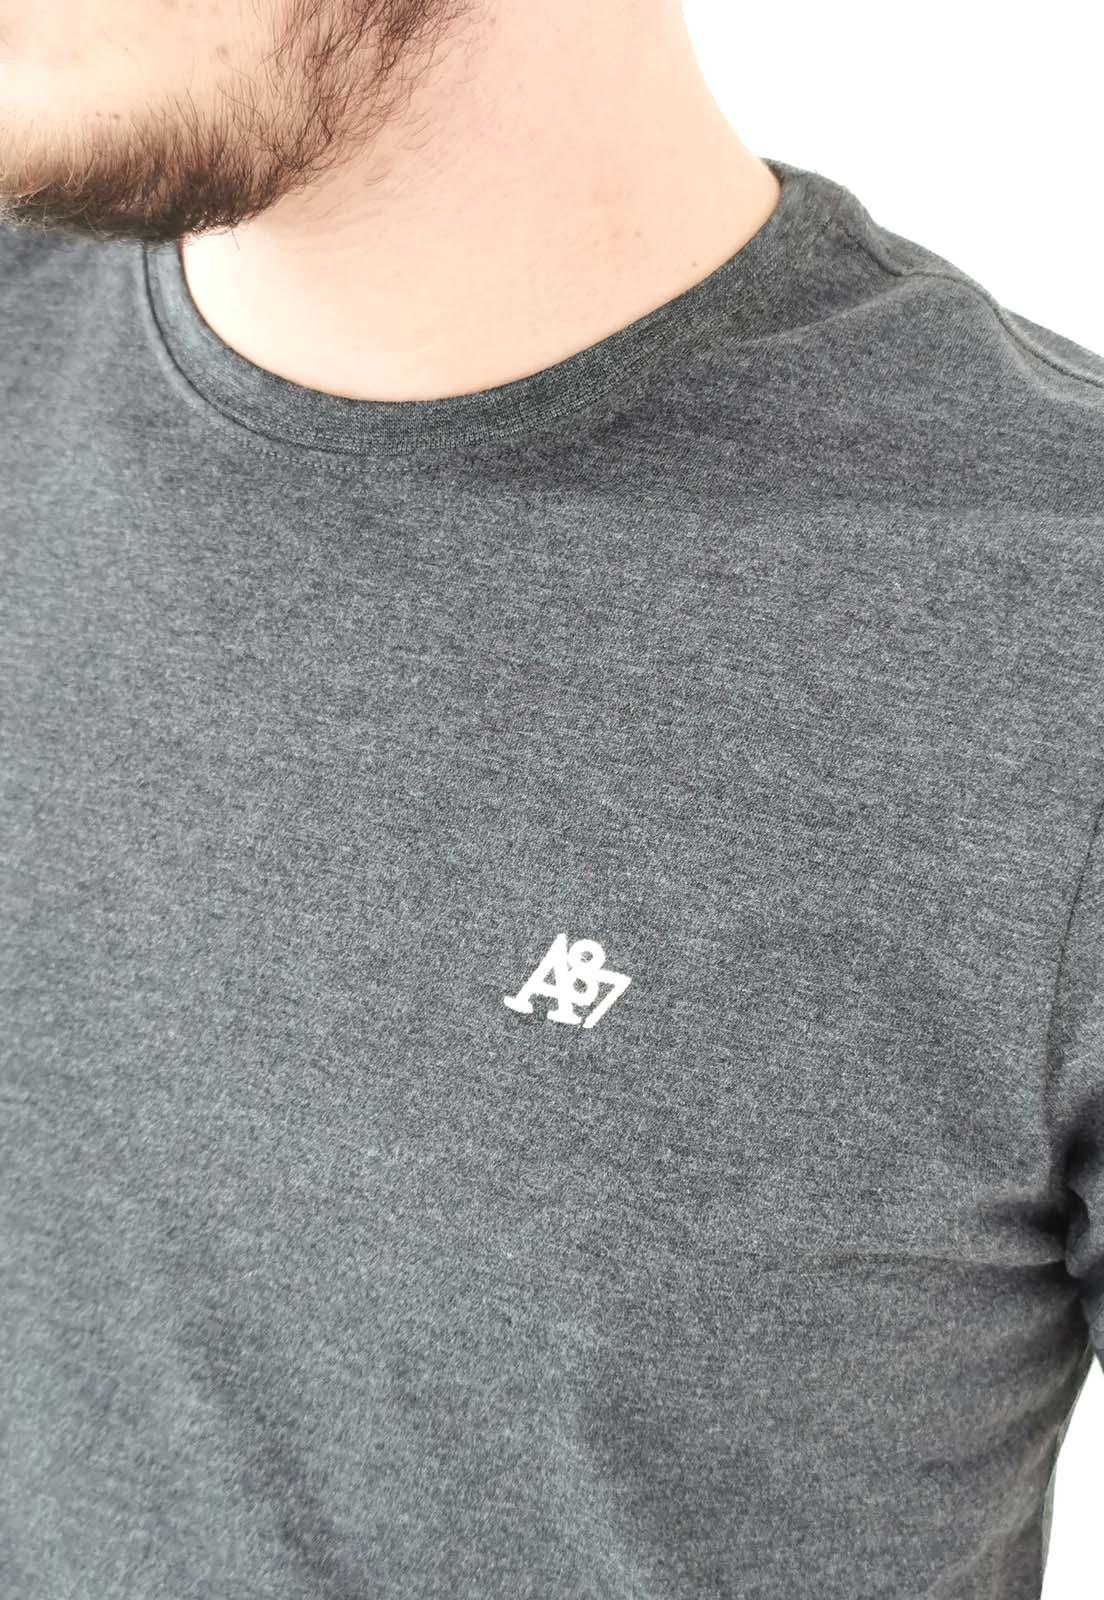 Camiseta Aéropostale Básica Chumbo